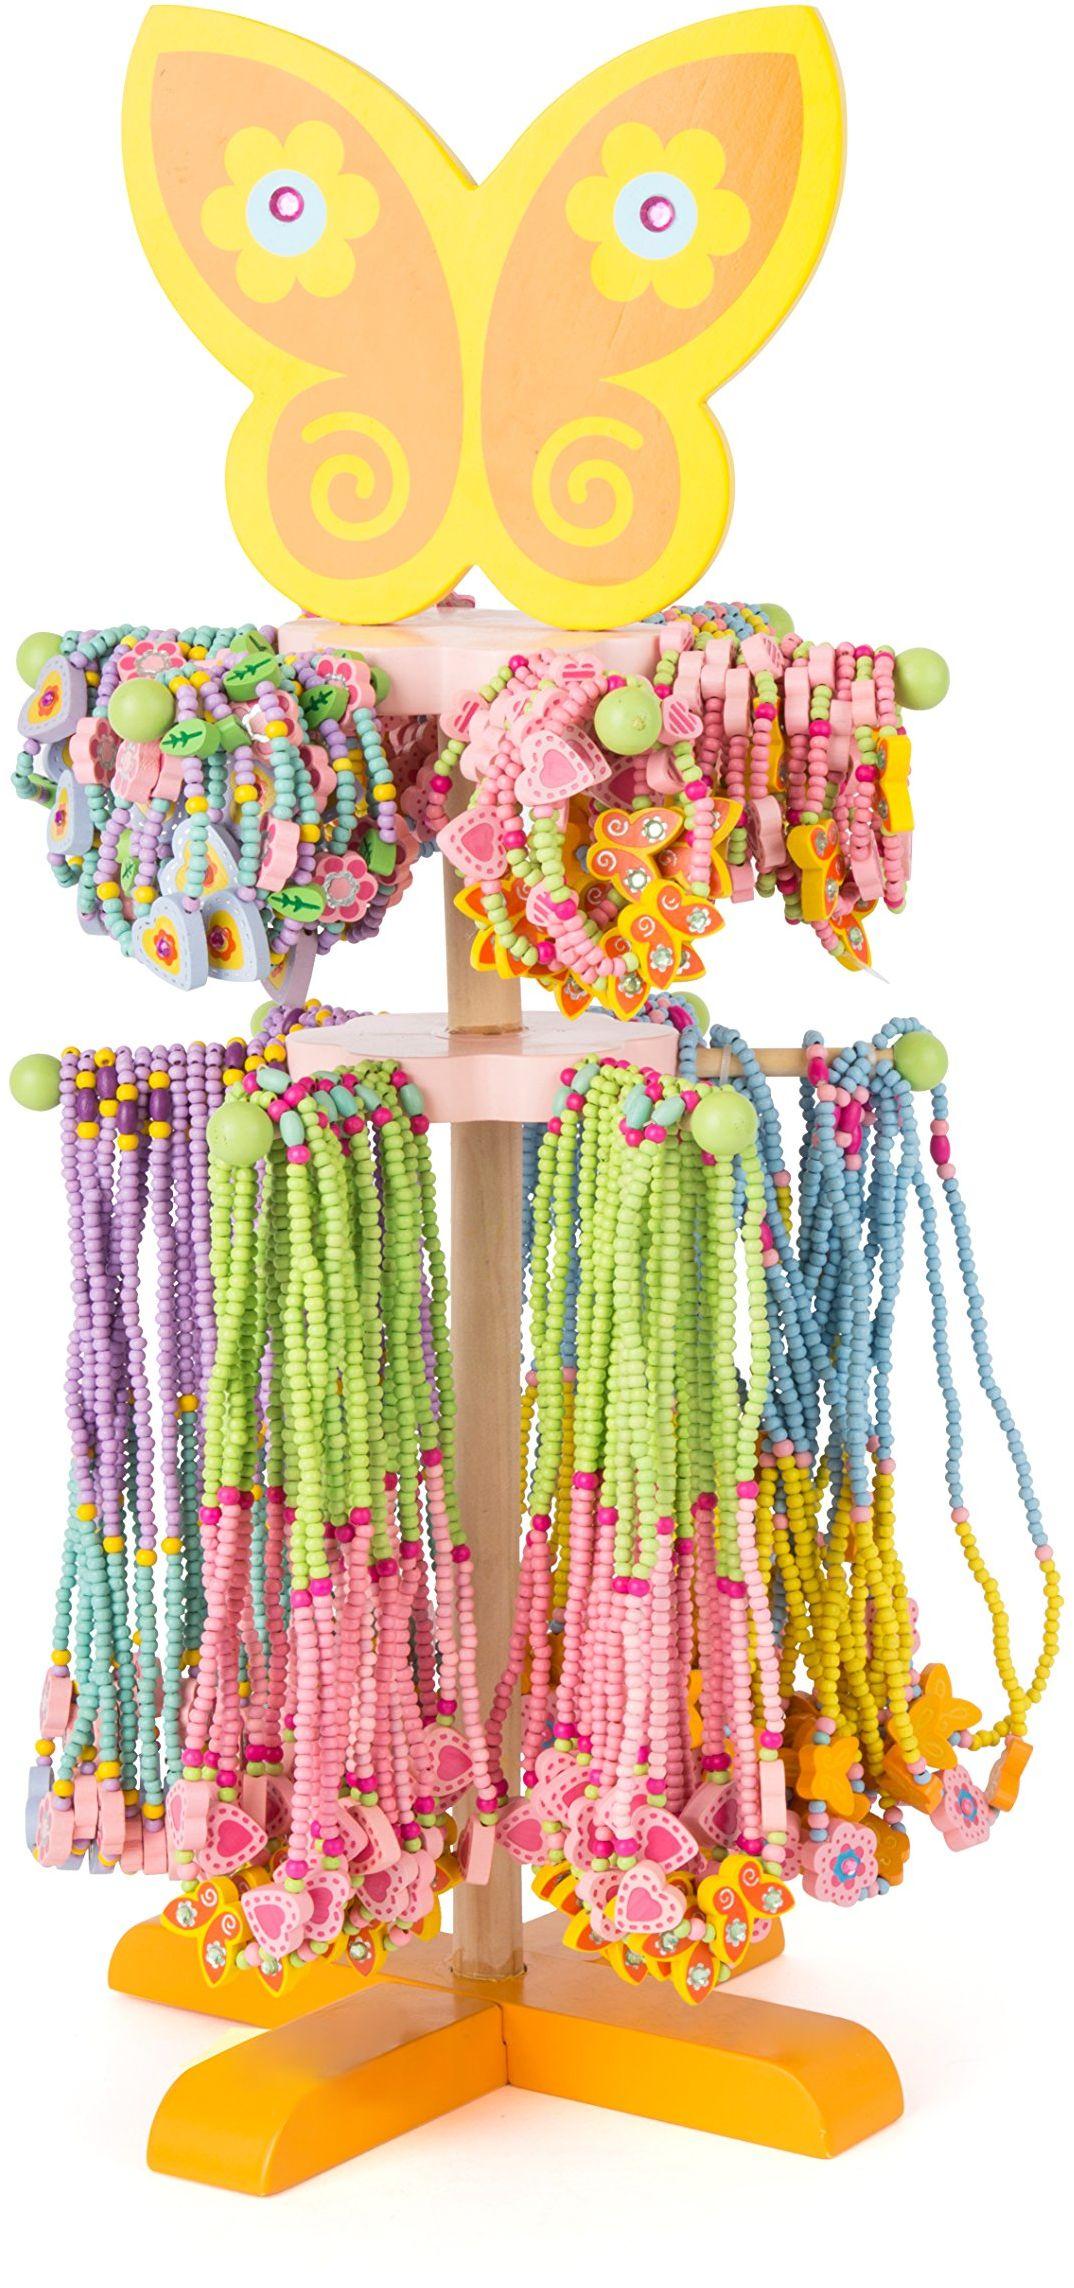 Mała stopa 10788 ekspozycja drewniana biżuteria wykonana z kolorowych koralików i błyszczących wisiorków, 36 naszyjników i bransoletek każda